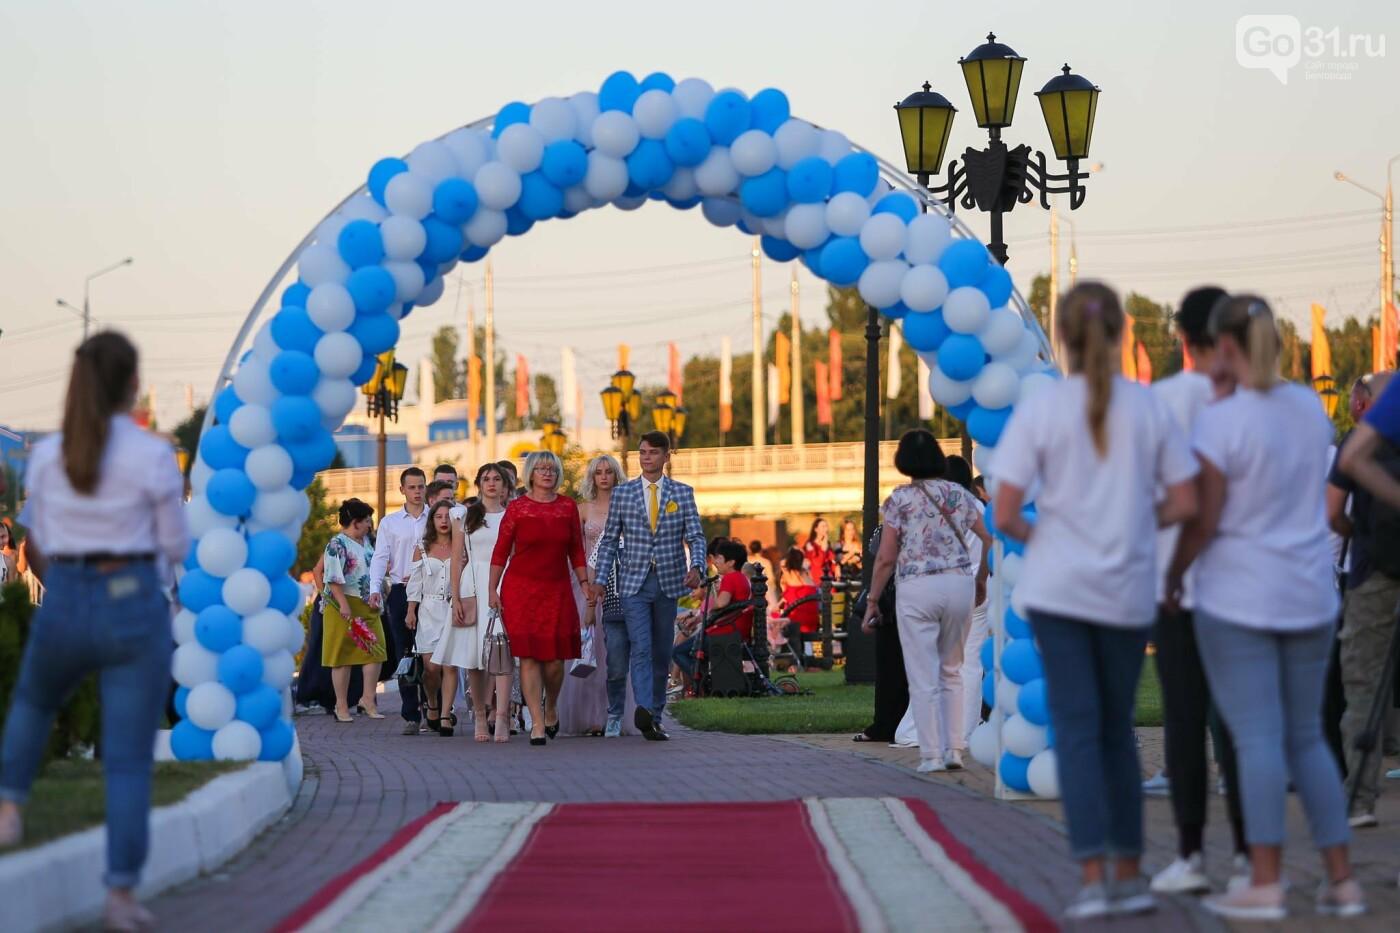 Общегородской школьный выпускной в Белгороде. Фоторепортаж, фото-1, Фото: Антон Вергун